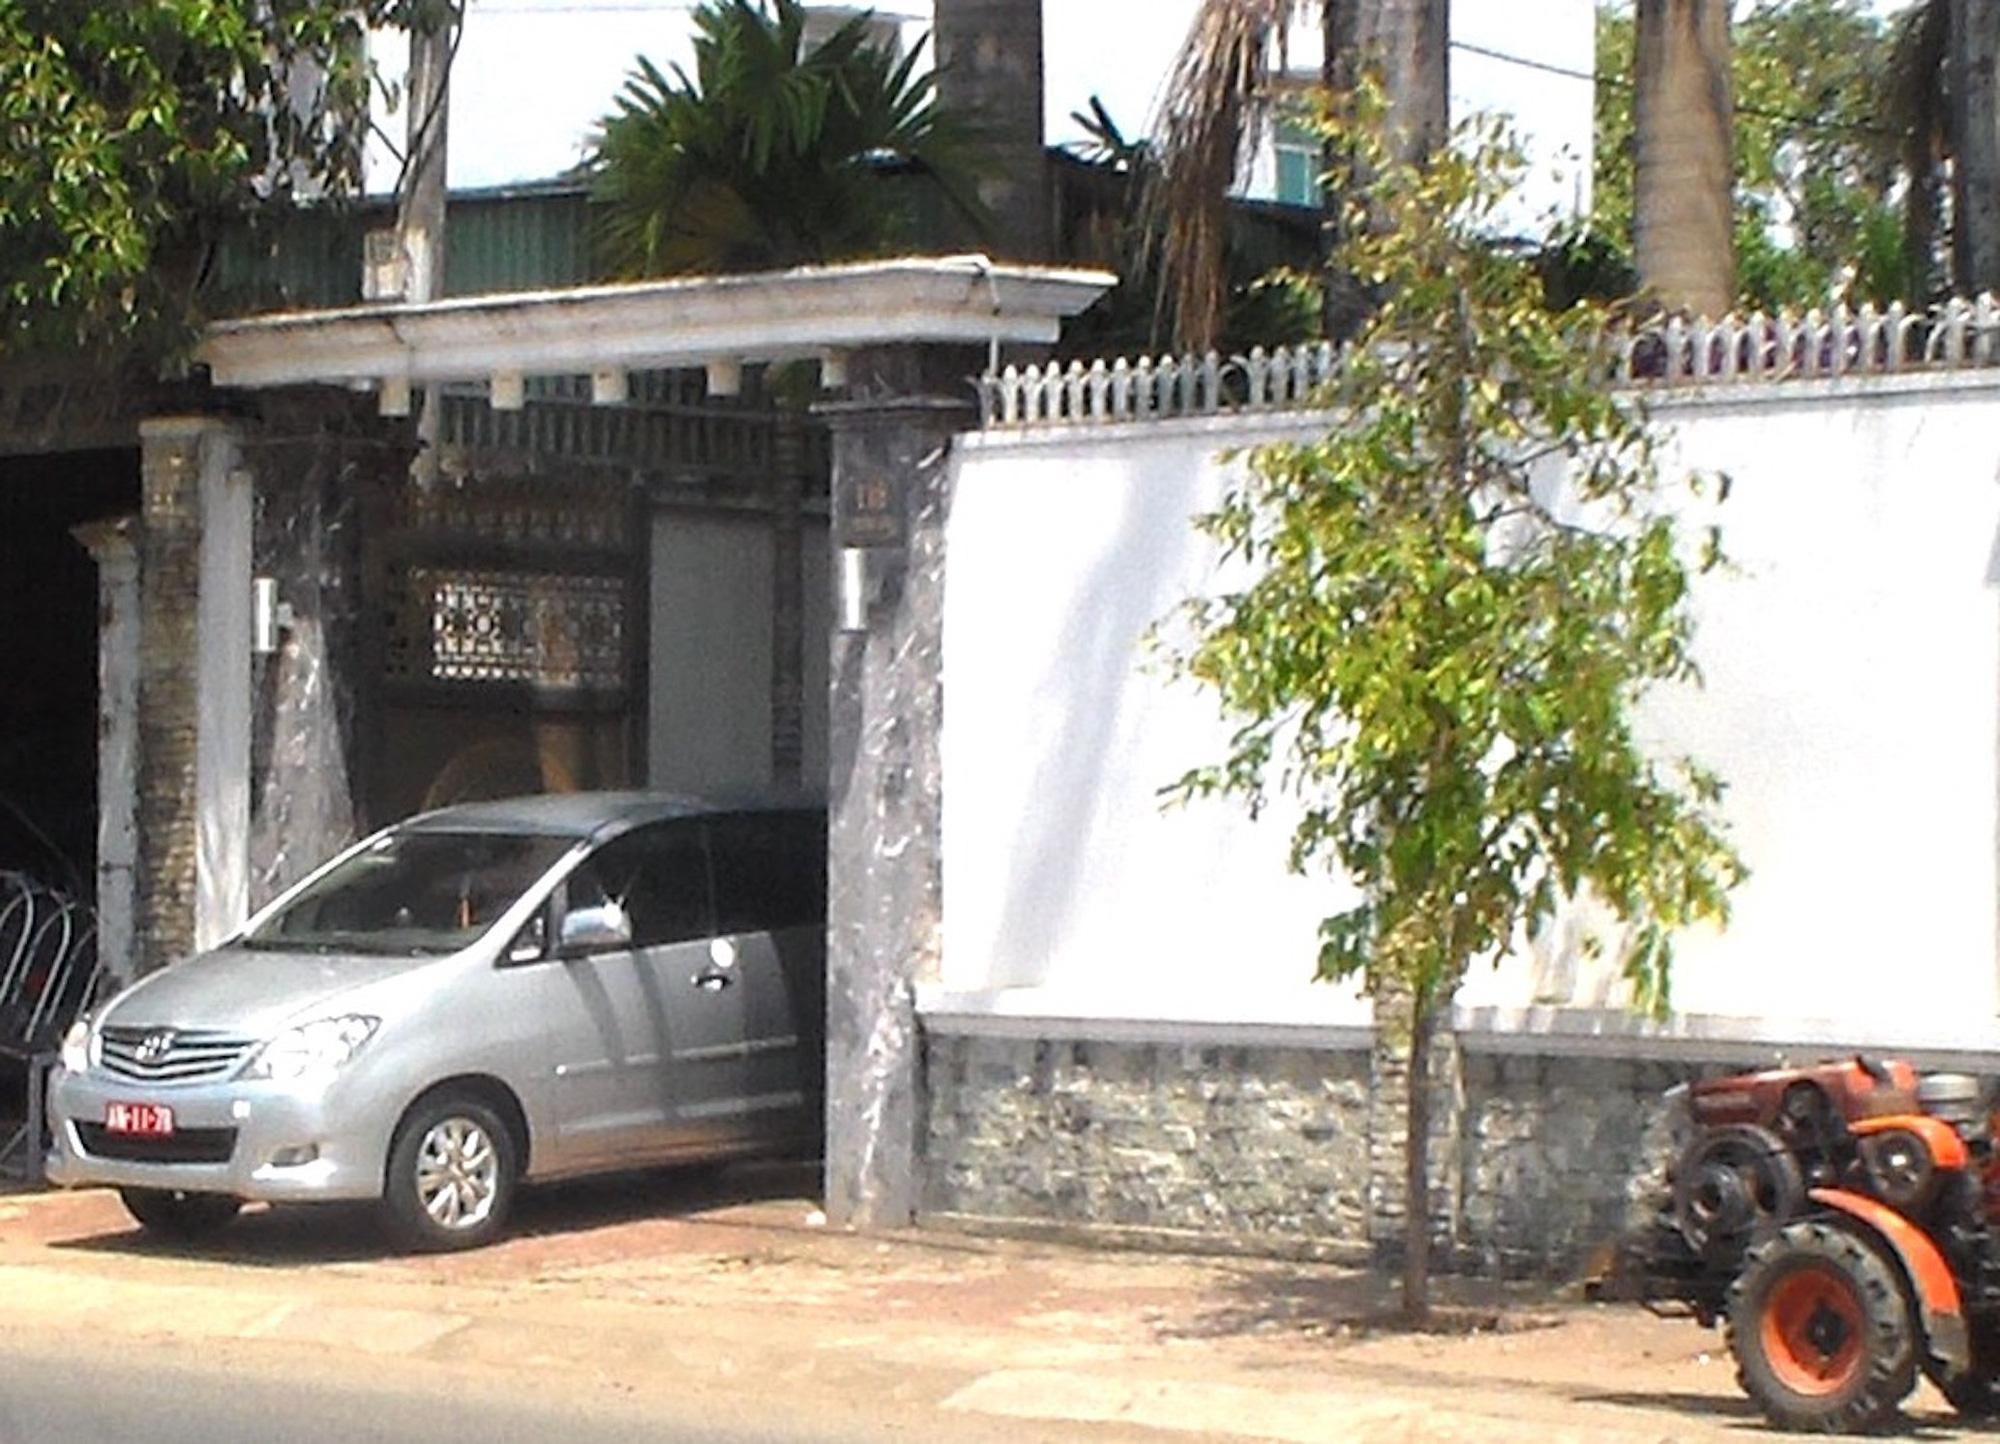 Rà soát đất đai, nhà cửa cựu Đại tá quân đội Phạm Văn Giang - Ảnh 1.